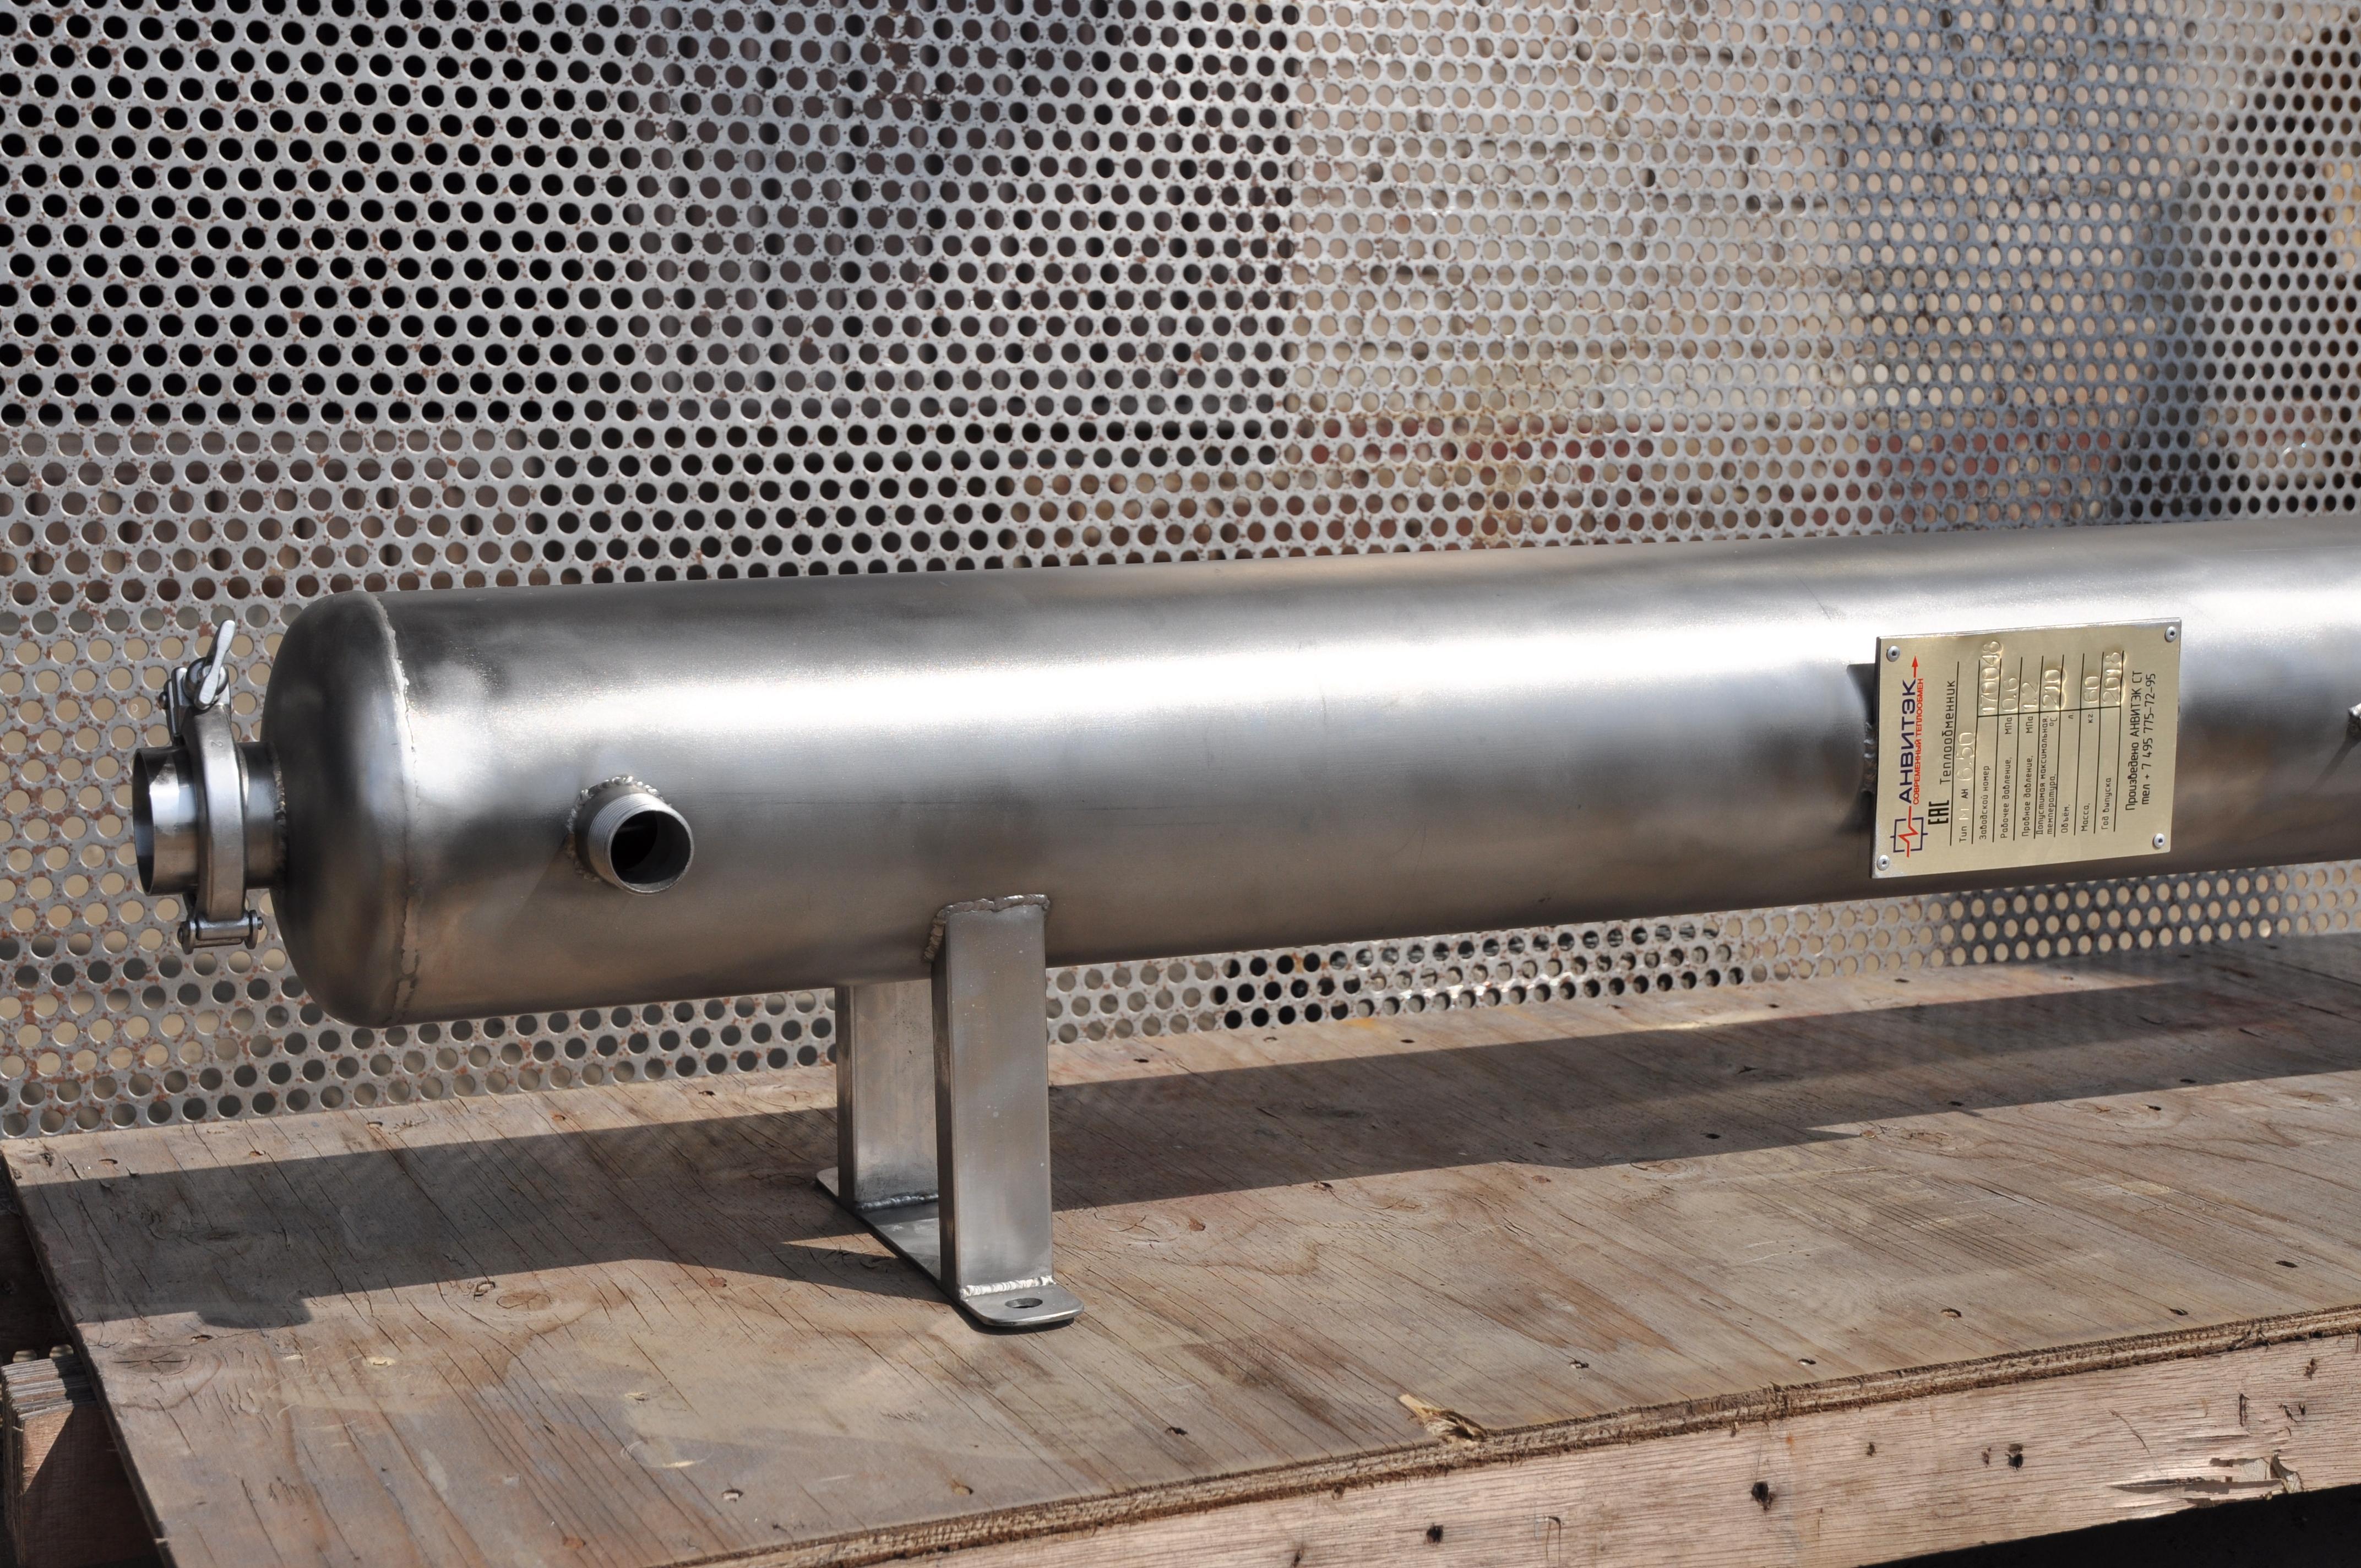 Кожухотрубный теплообменник для пива Кожухотрубный теплообменник Alfa Laval Aalborg MD 35 Липецк